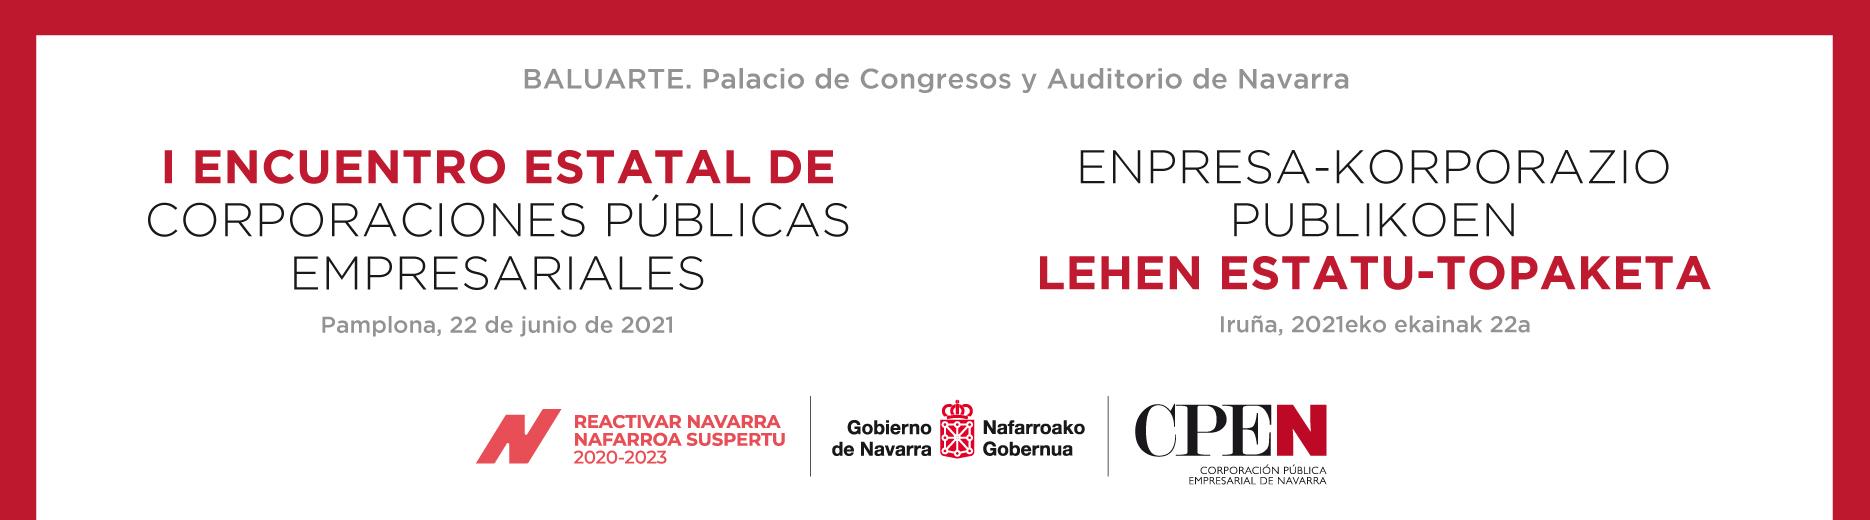 Imagen compuesta por texto, donde figuran el nombre del encuentro, localización y logotipos de CPEN, Gobierno de Navarra y Plan Reactivar Navarra.